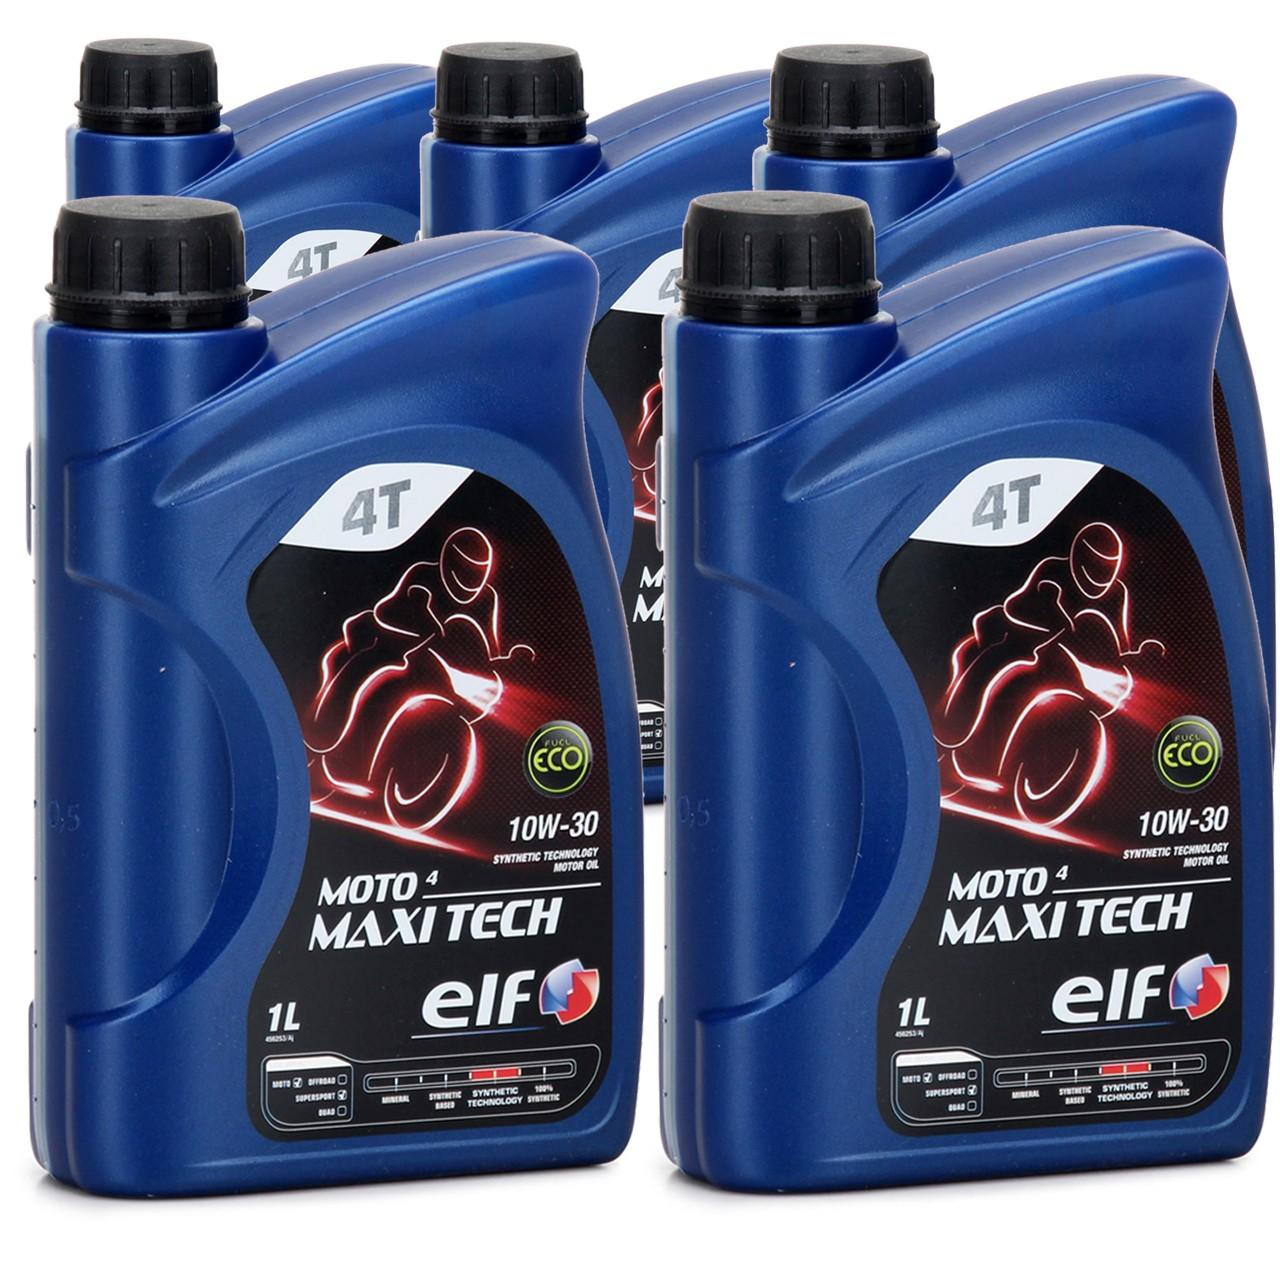 ELF Motoröl ÖL 4T 4-TAKT MOTO 4 MAXITECH 10W30 JASO MA API SJ - 5L 5 Liter